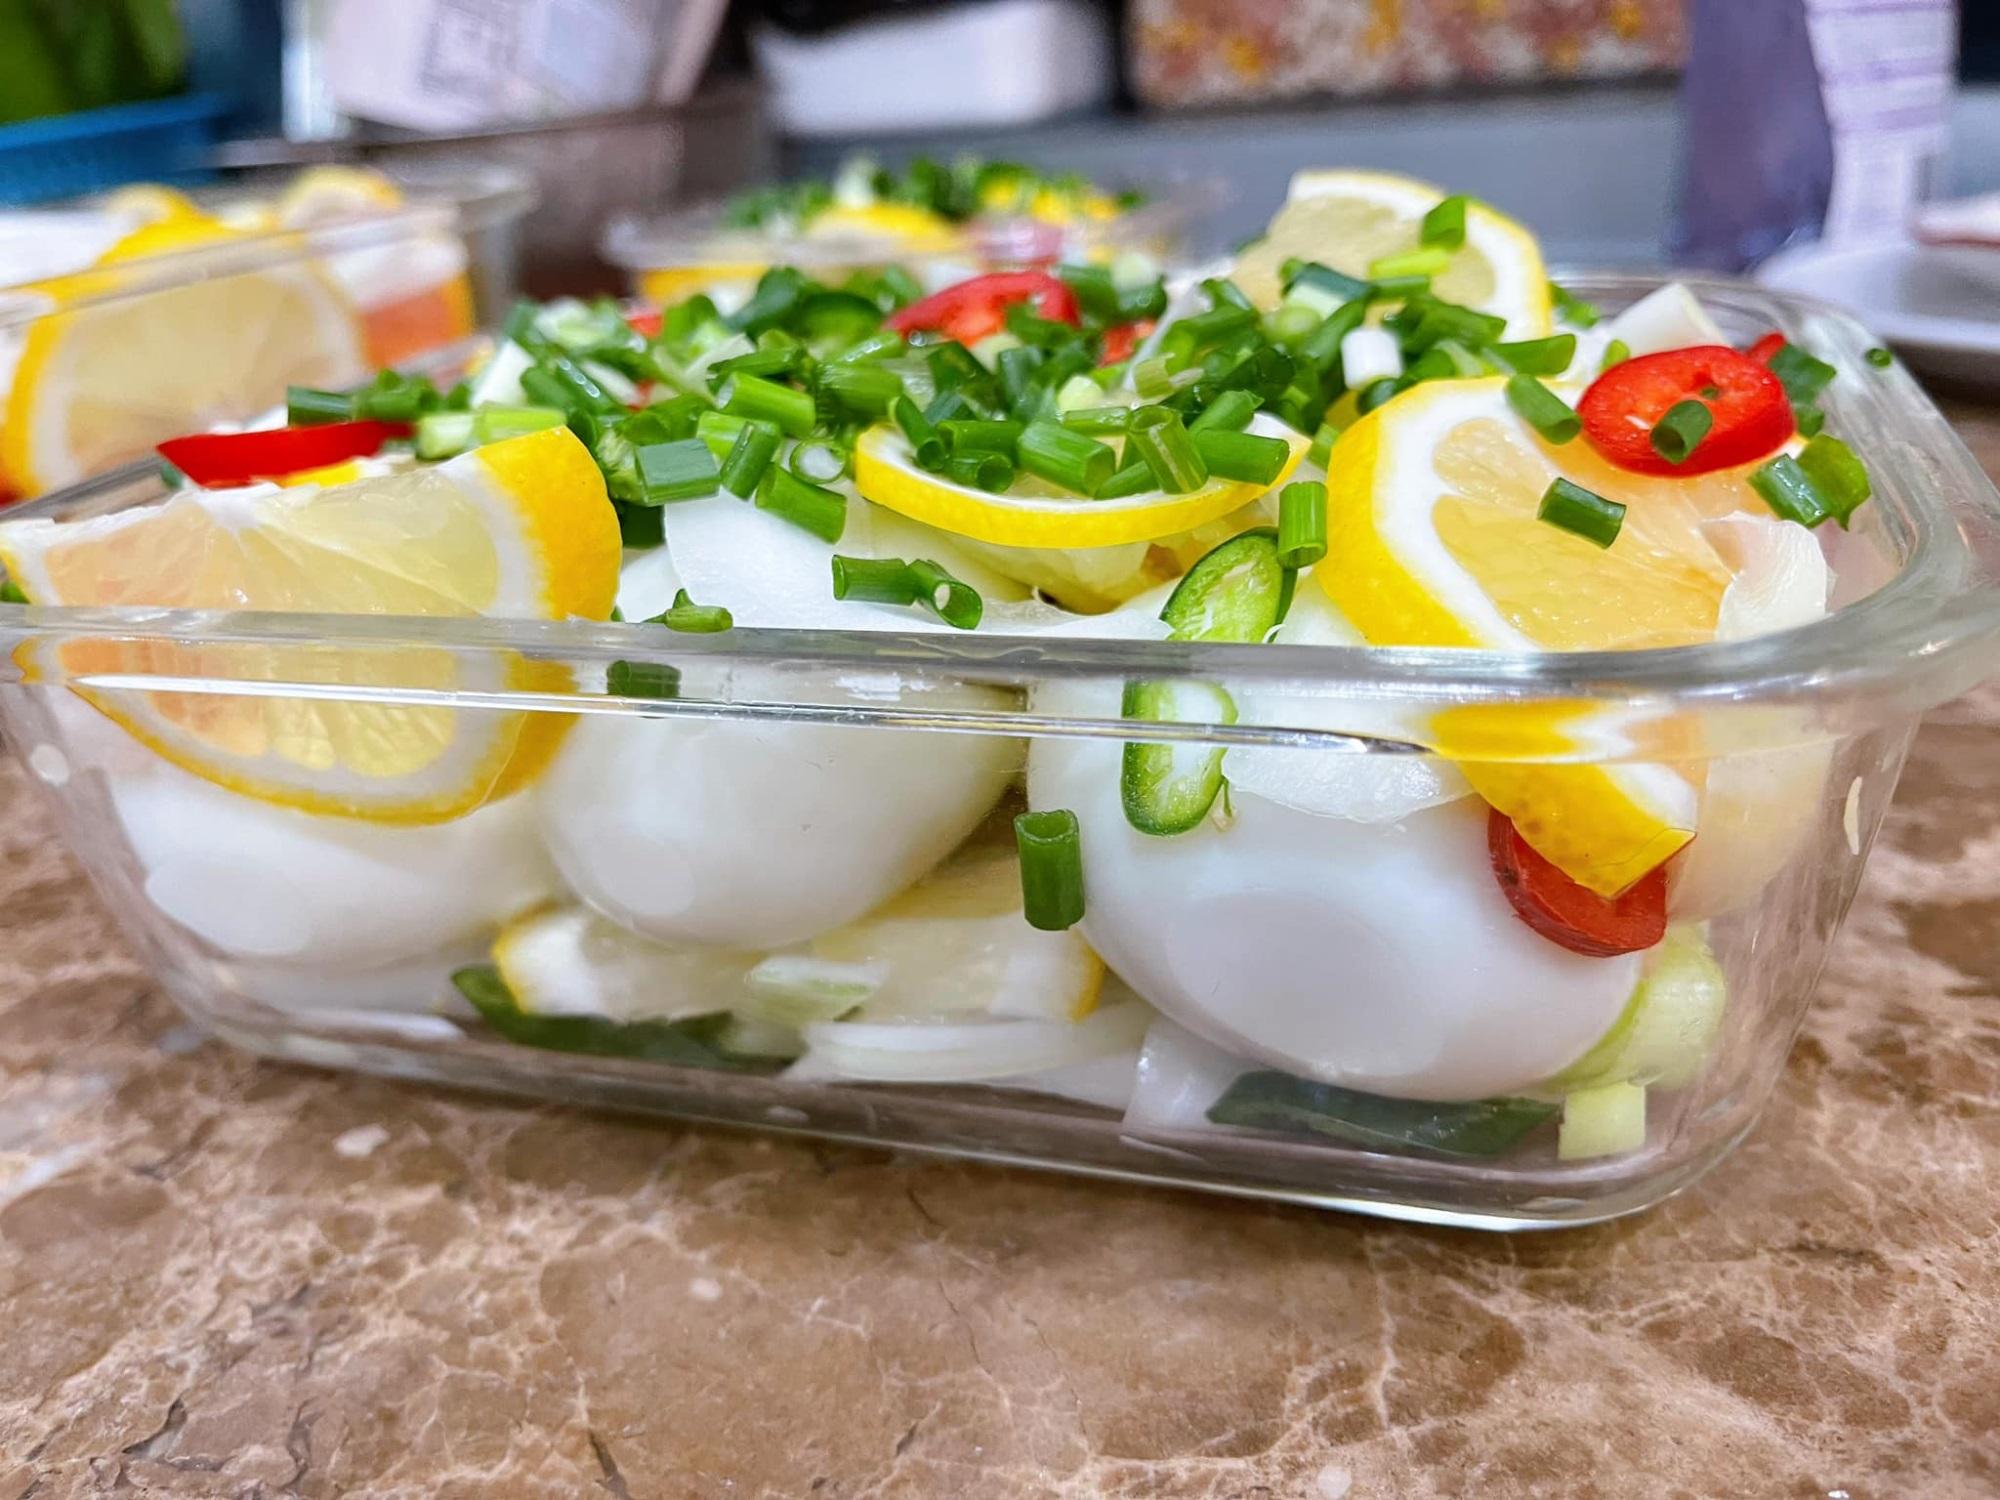 Cách làm cá hồi ngâm tương đậm vị, đưa cơm - ăn một miếng 'tay chân quắn quéo' vì quá ngon - Ảnh 4